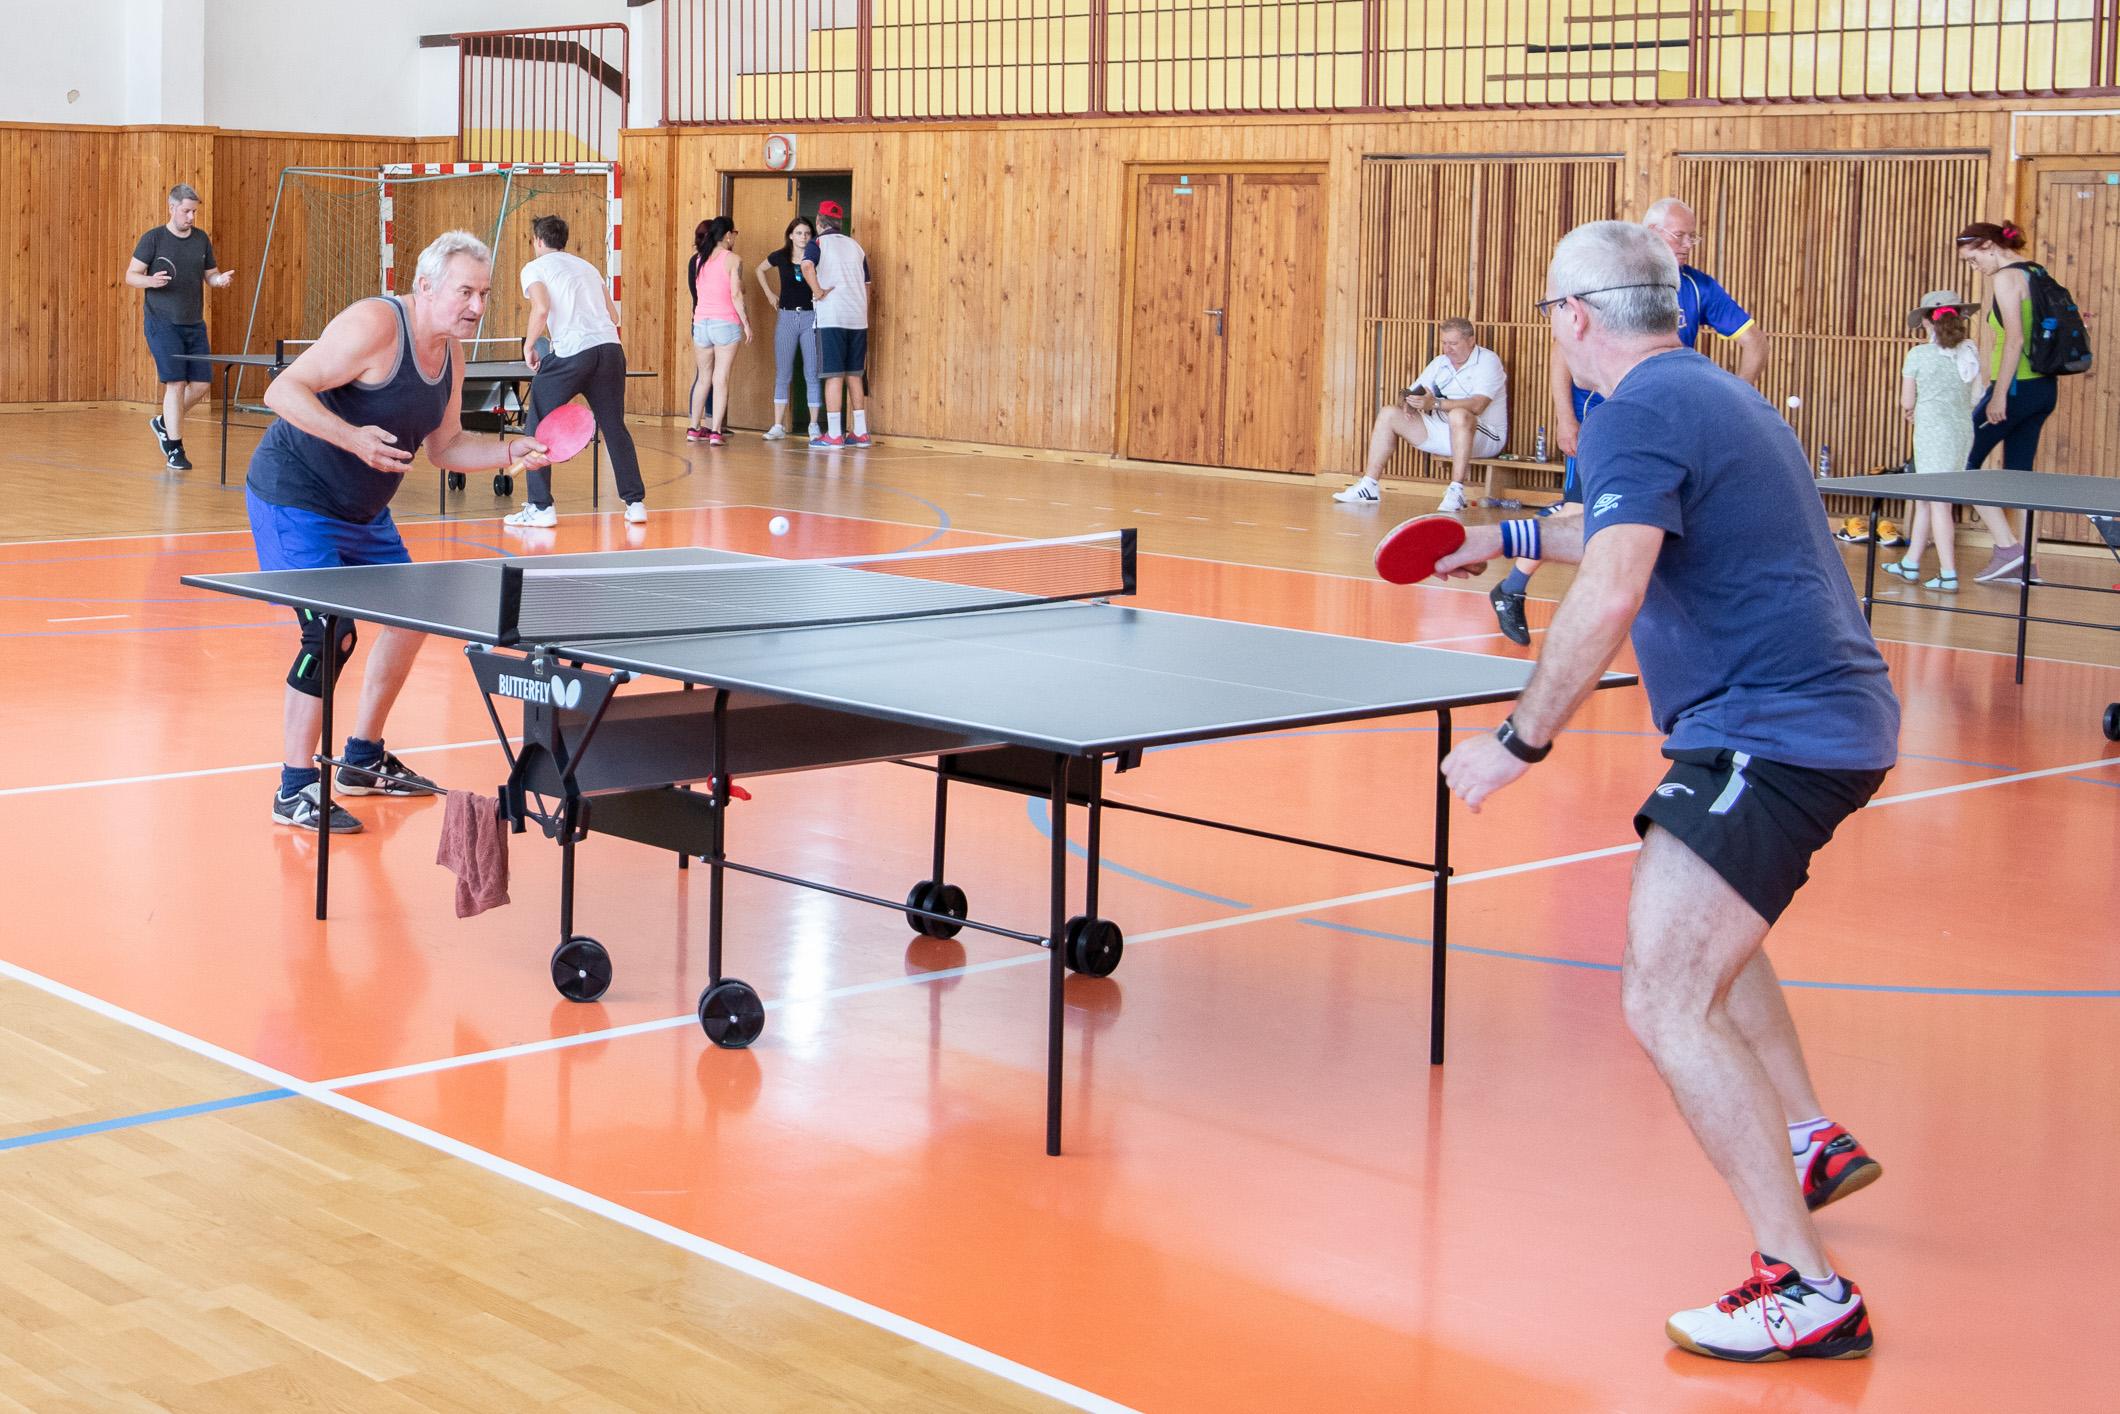 stolny-tenis-den-sidliska-zv-zapad-13